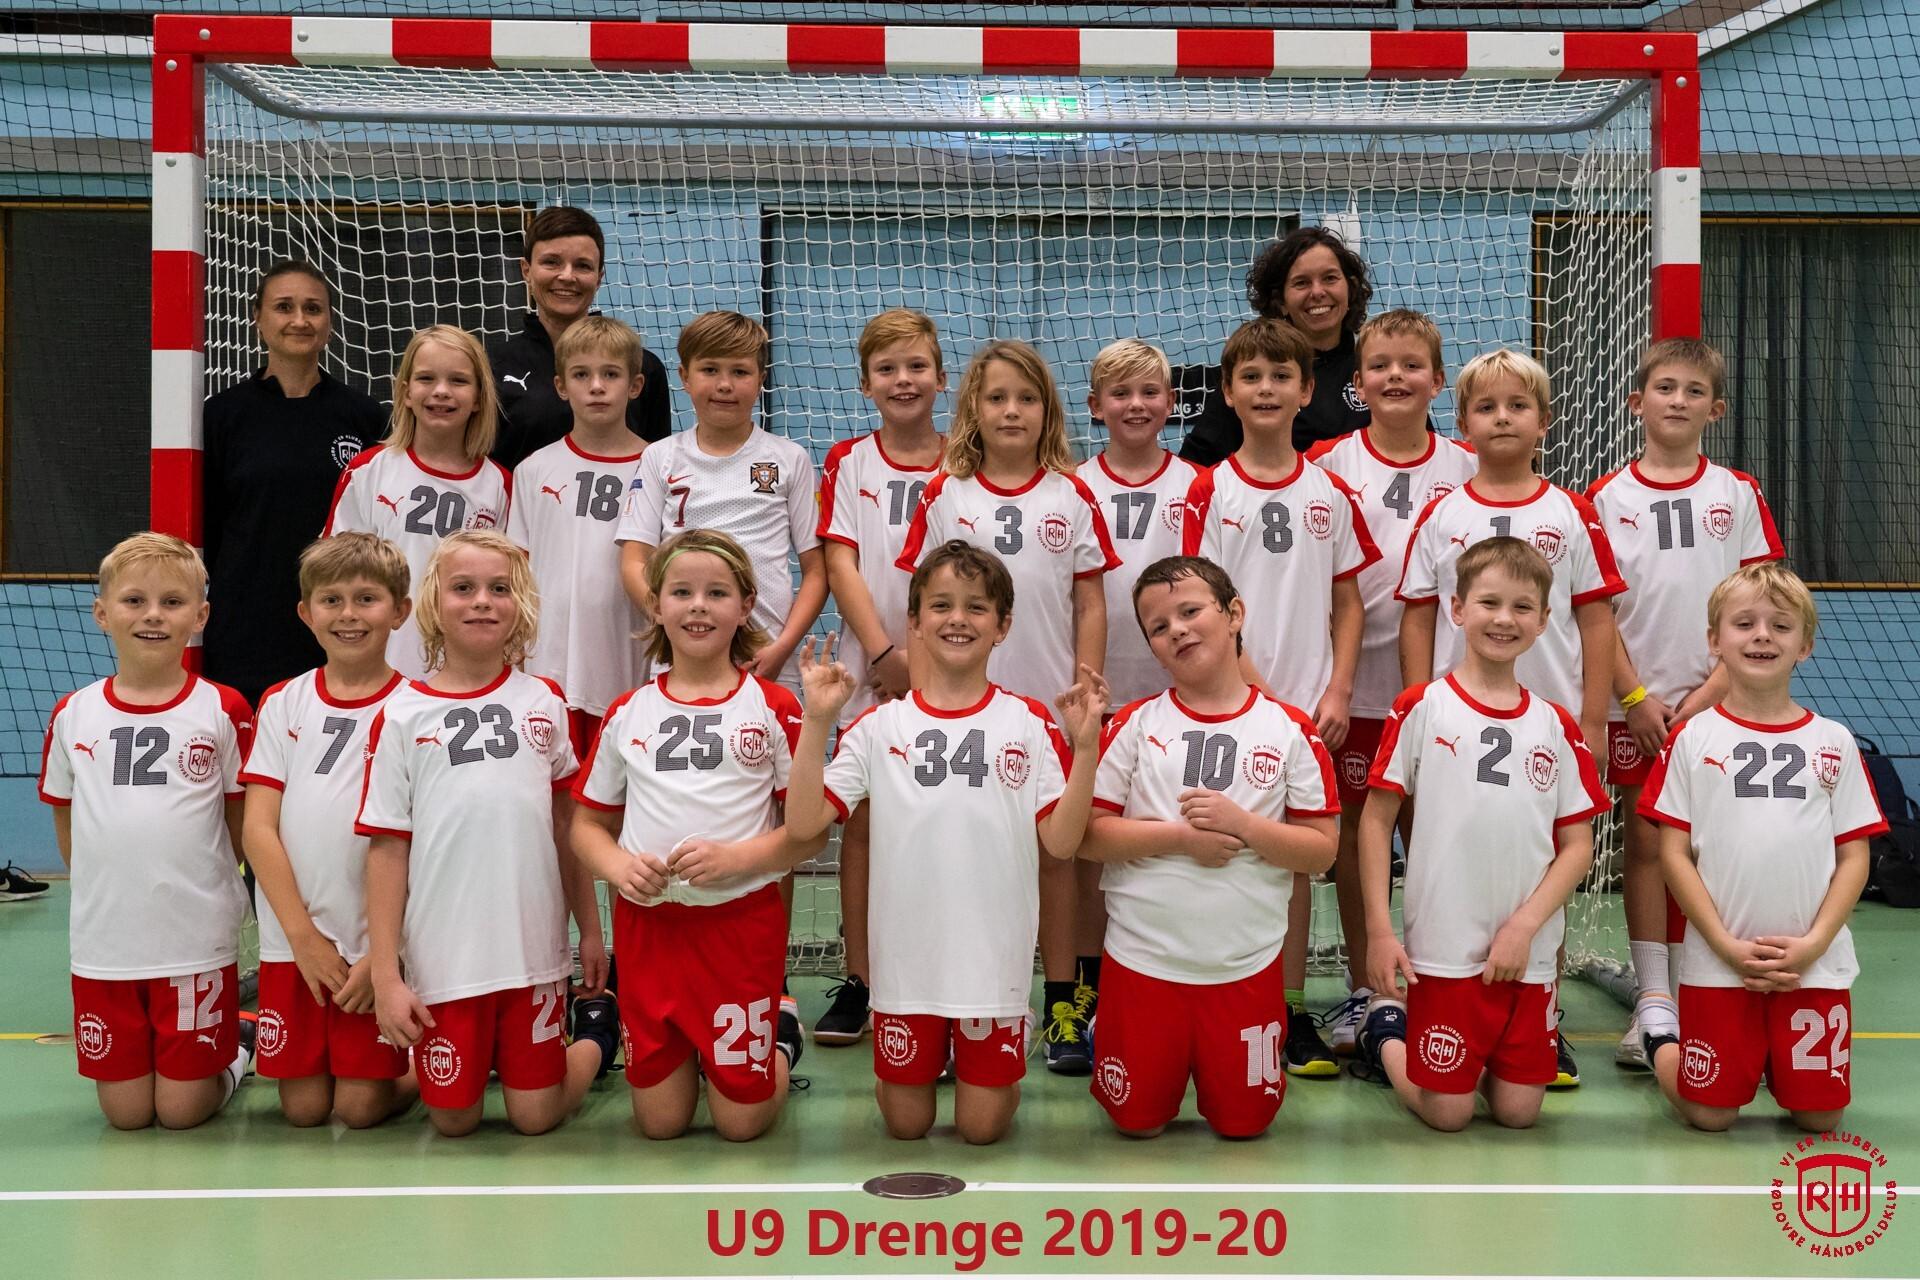 U9 Drenge 2019-20